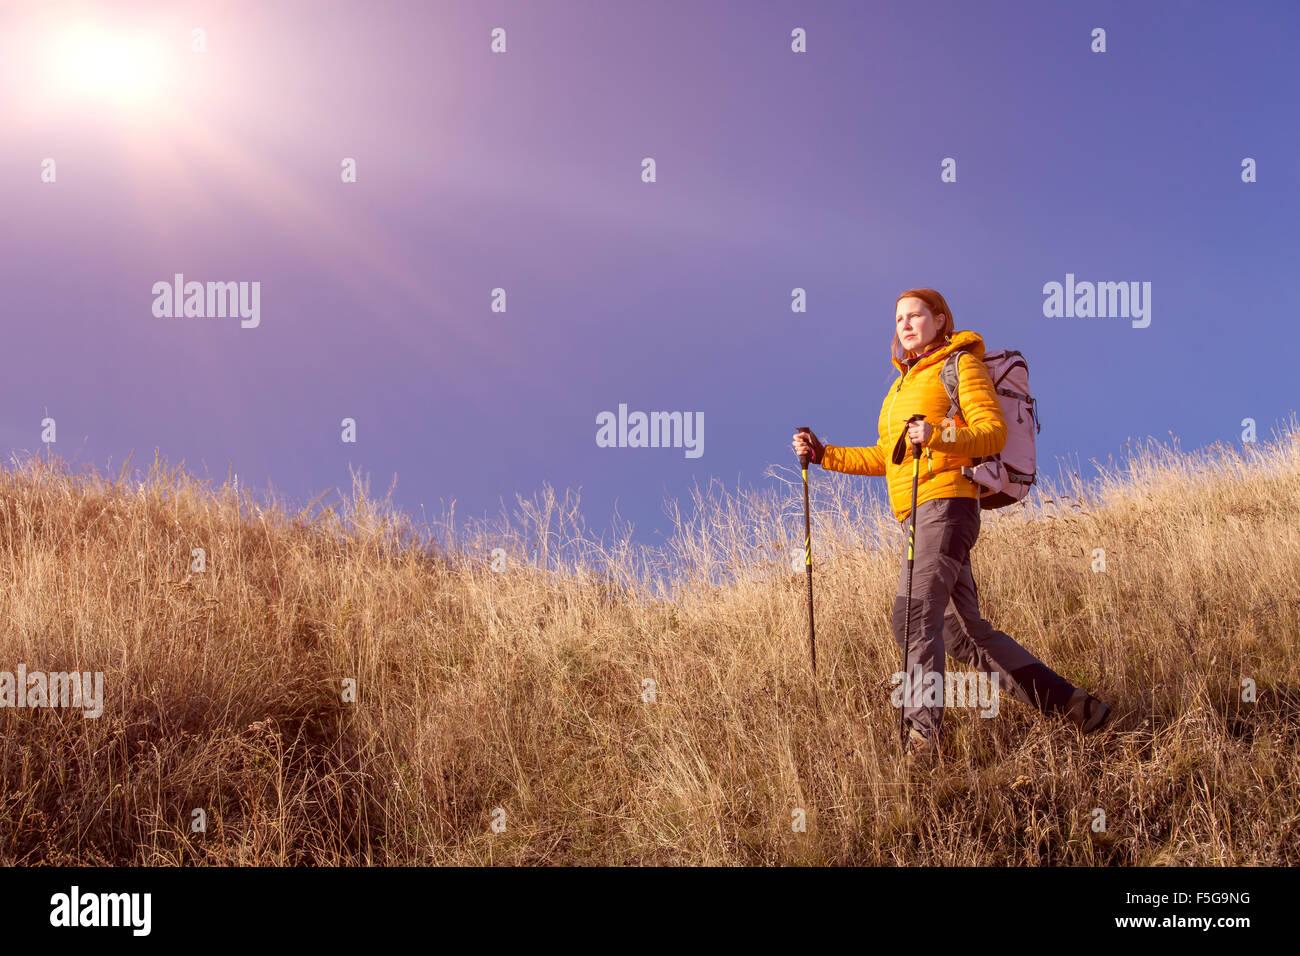 Escursionista femmina camminando sulla collina erbosa Immagini Stock